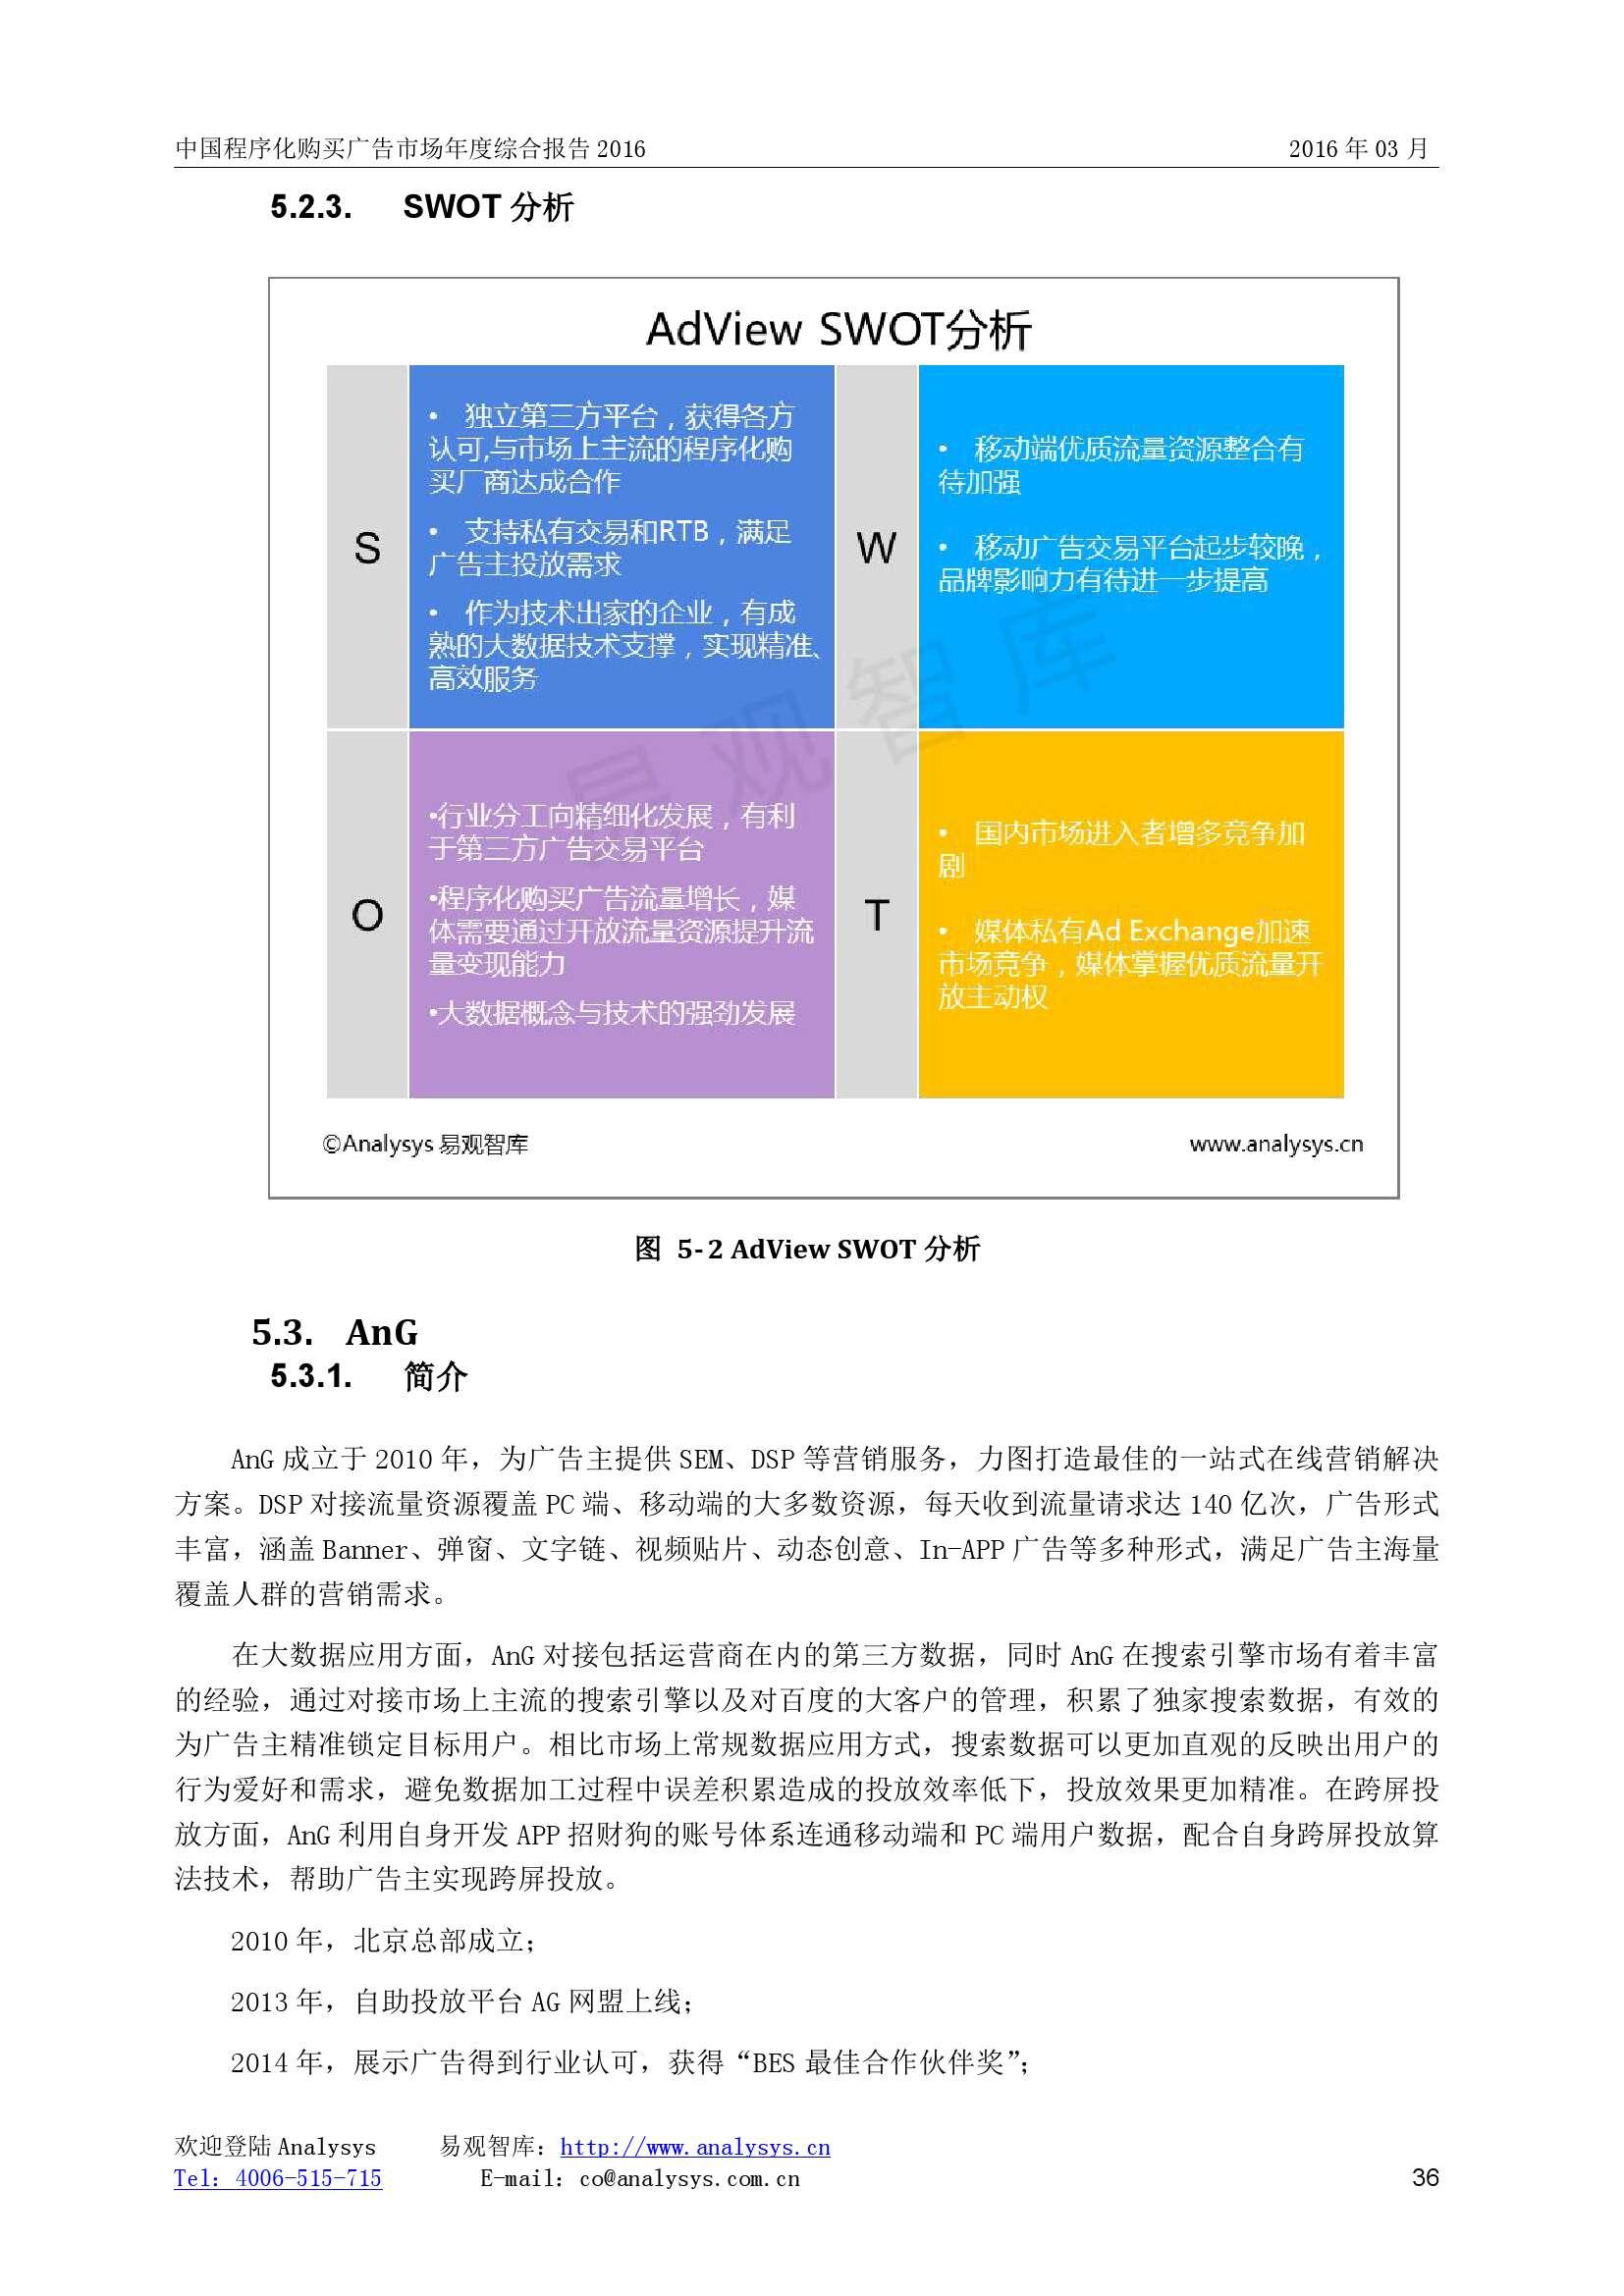 中国程序化购买广告市场年度综合报告2016_000036